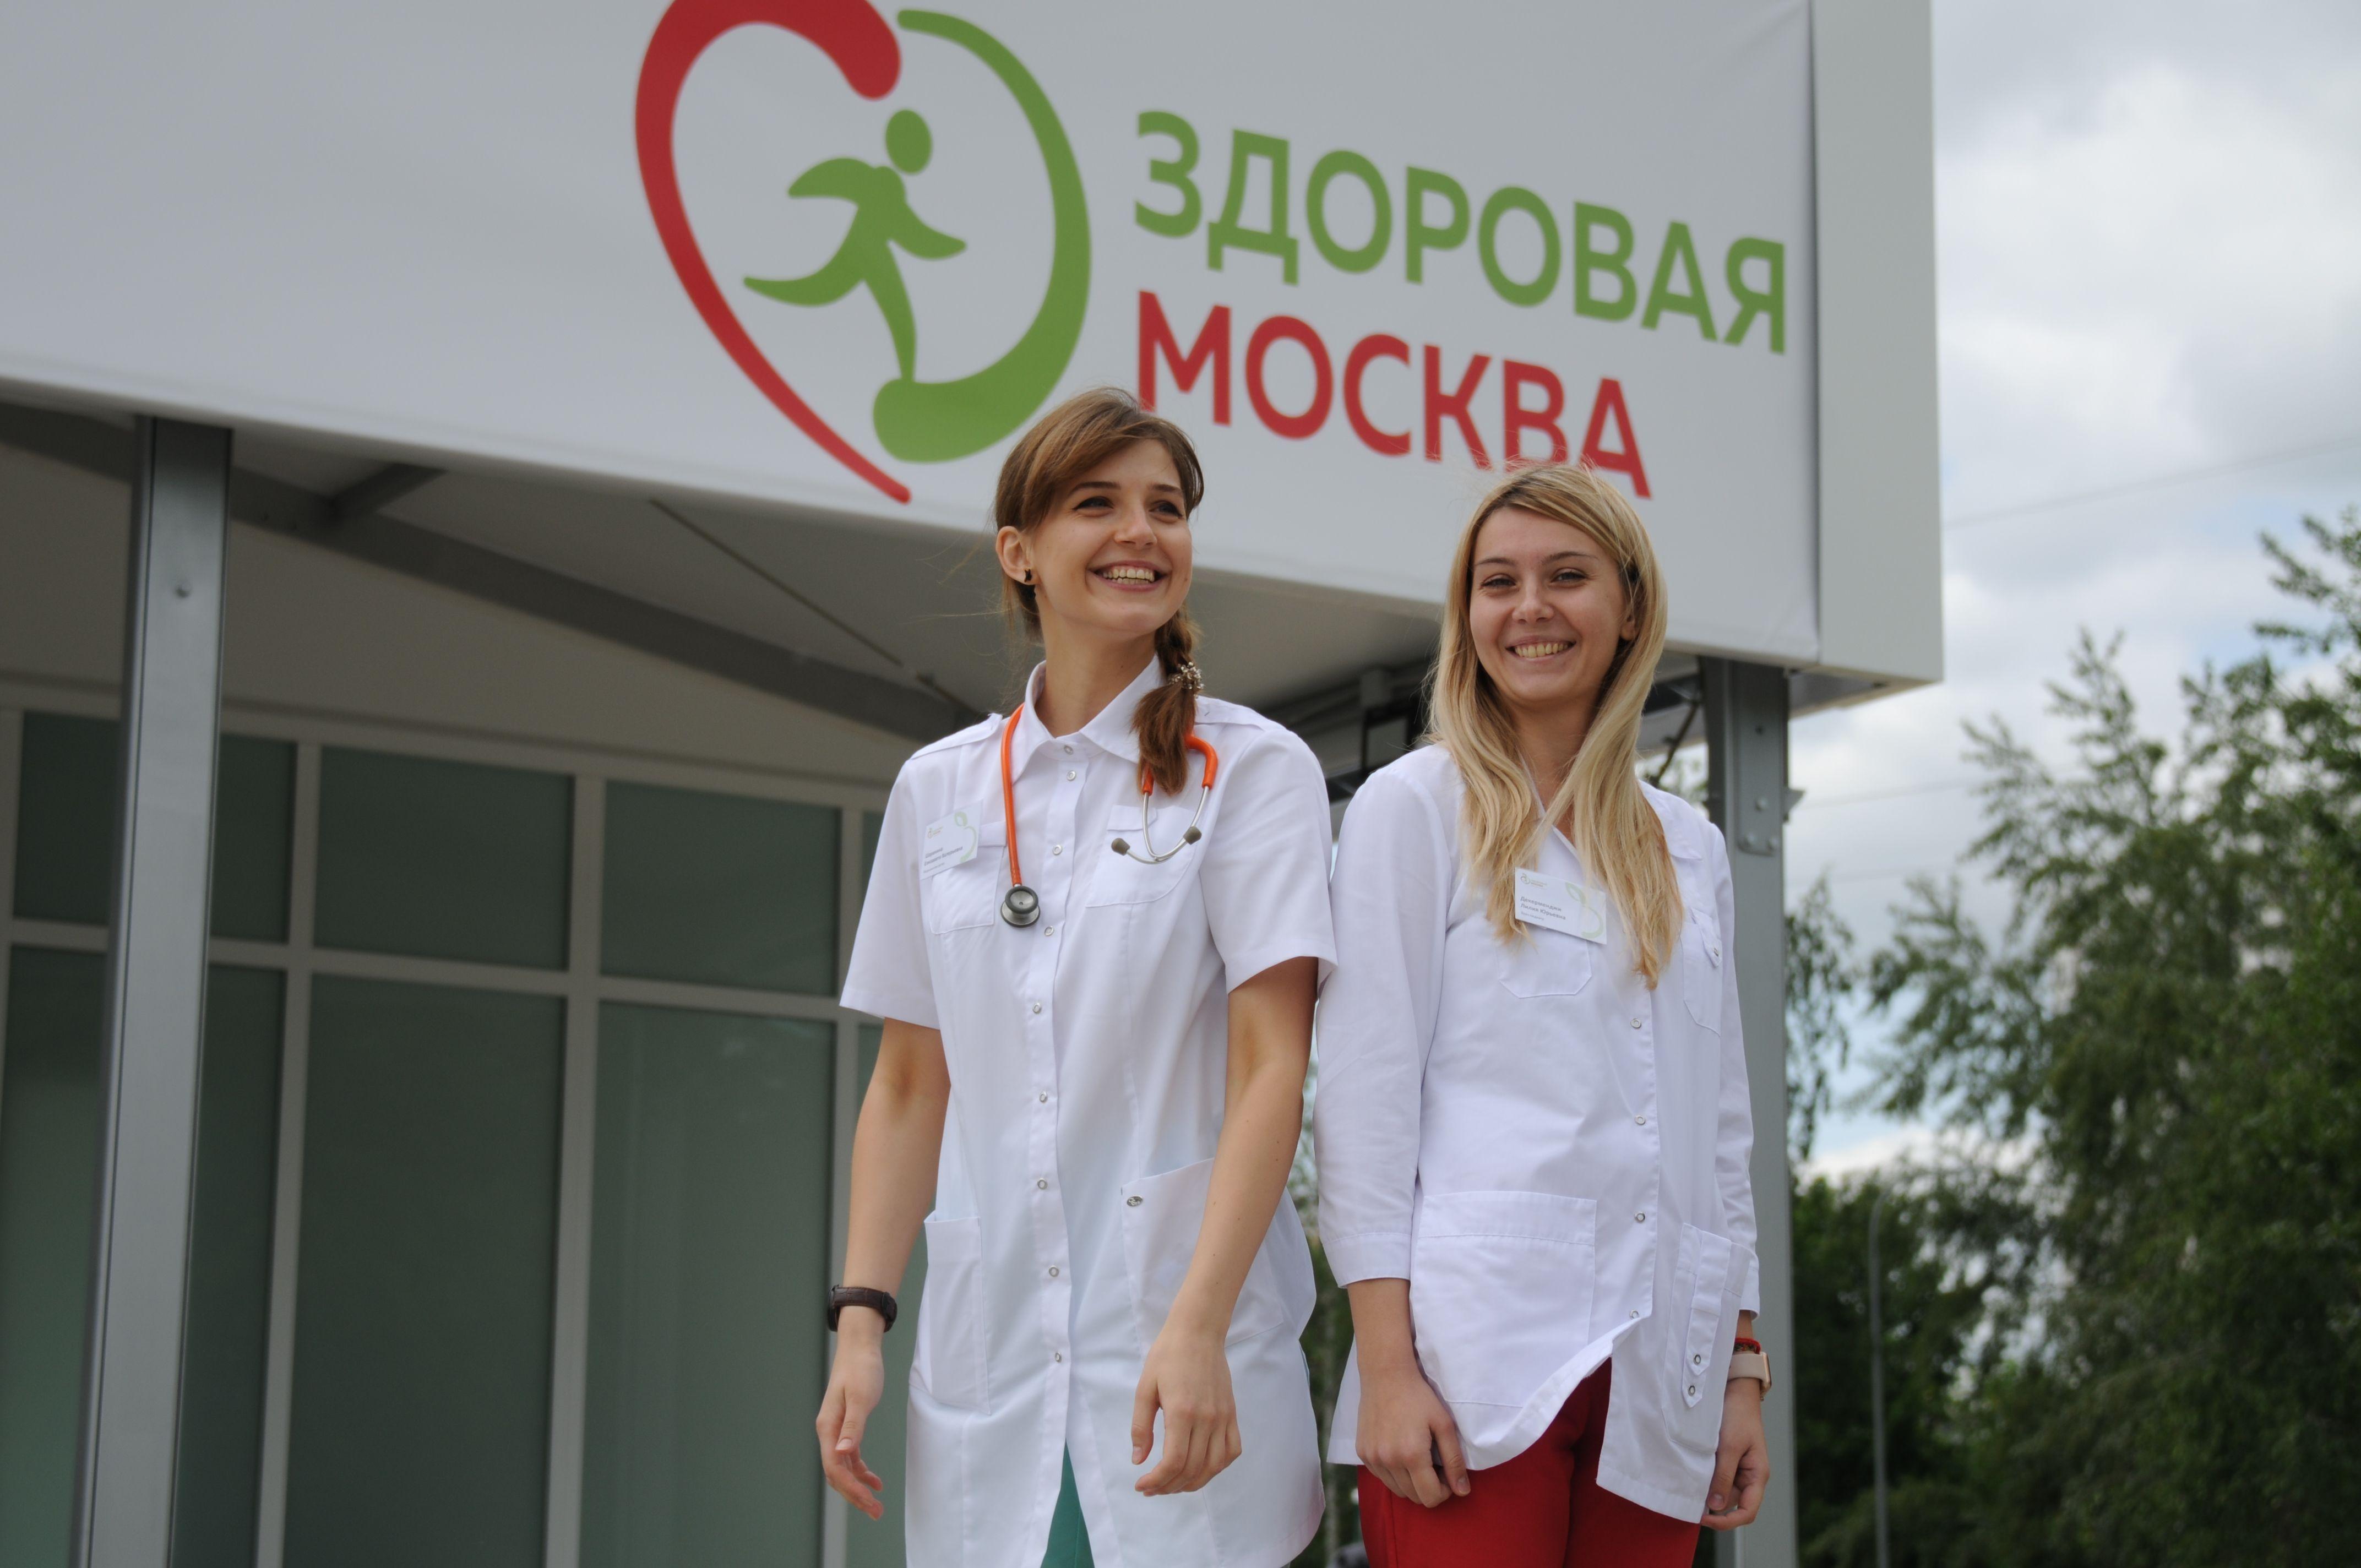 Более 50 тысяч москвичей стали участниками проекта «Здоровая Москва»